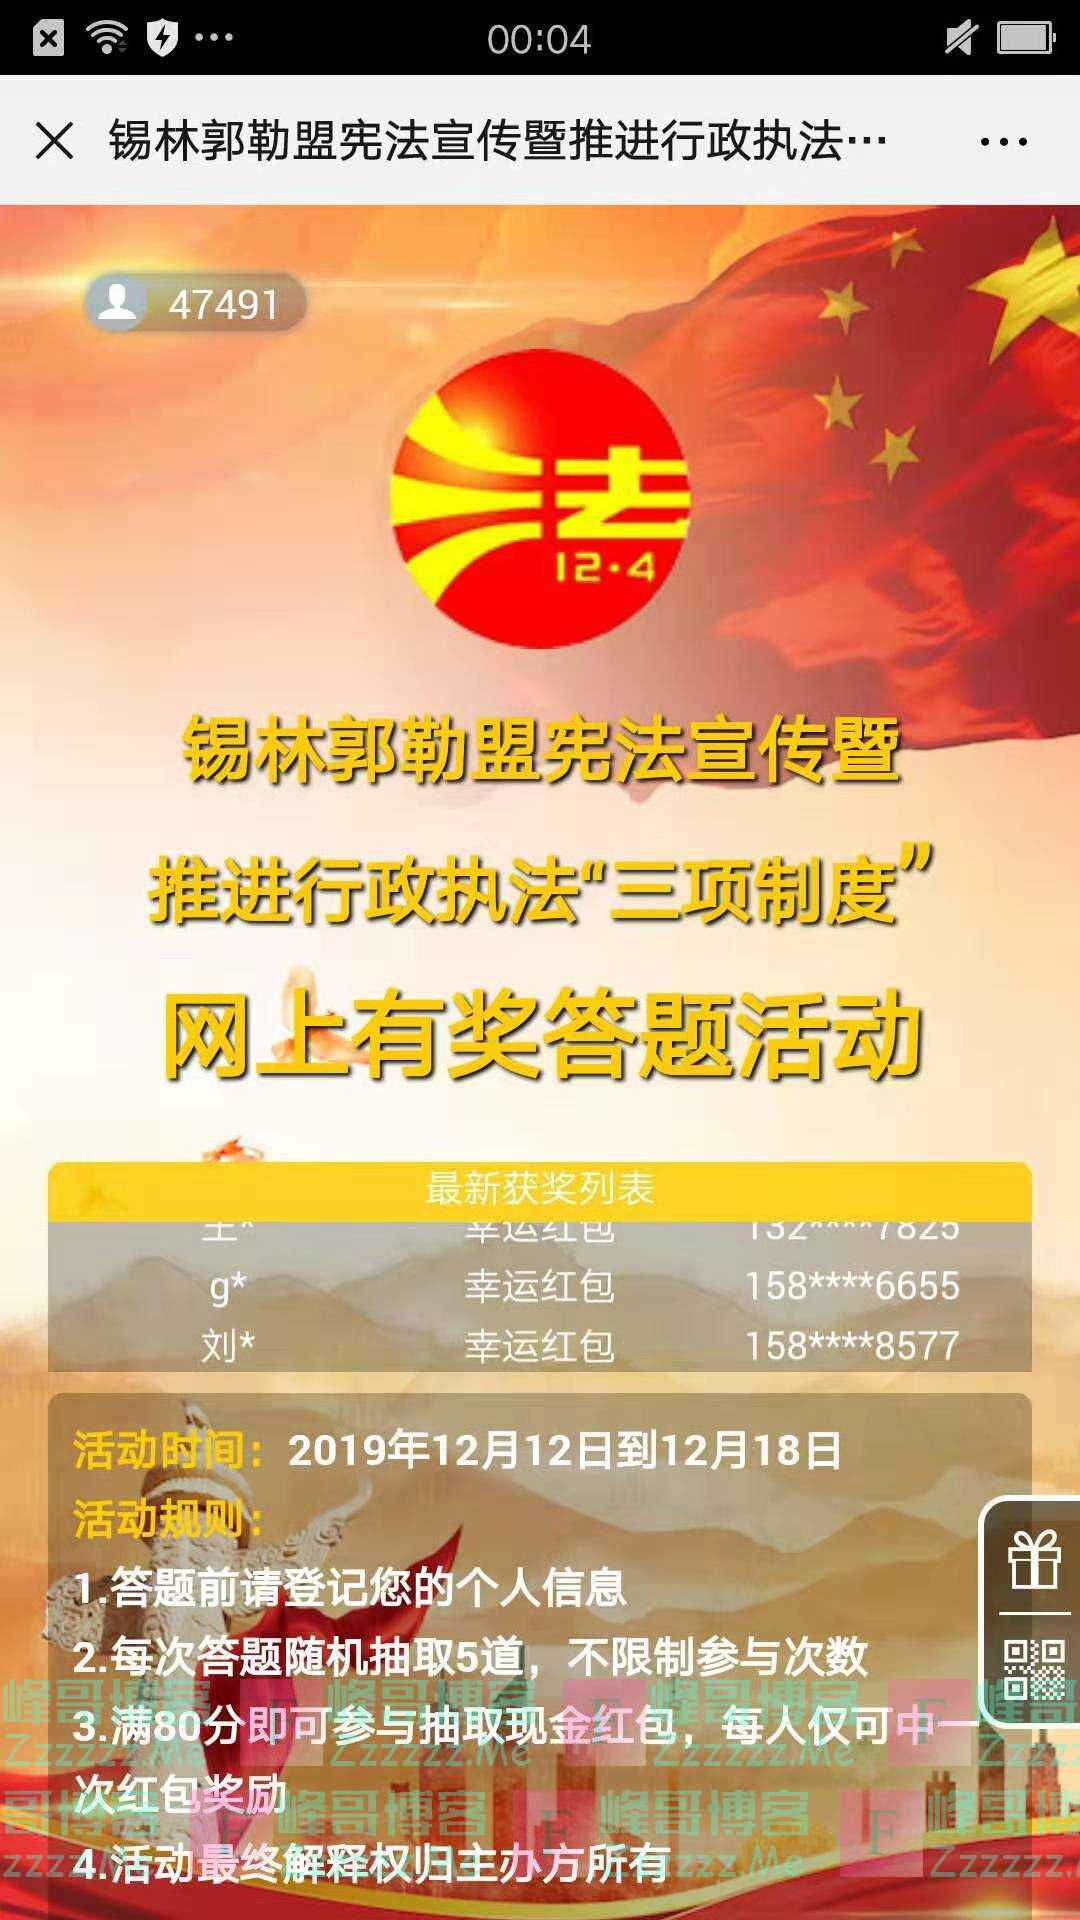 锡林123锡林郭勒宪法宣传网上有奖答题(截止12月18日)